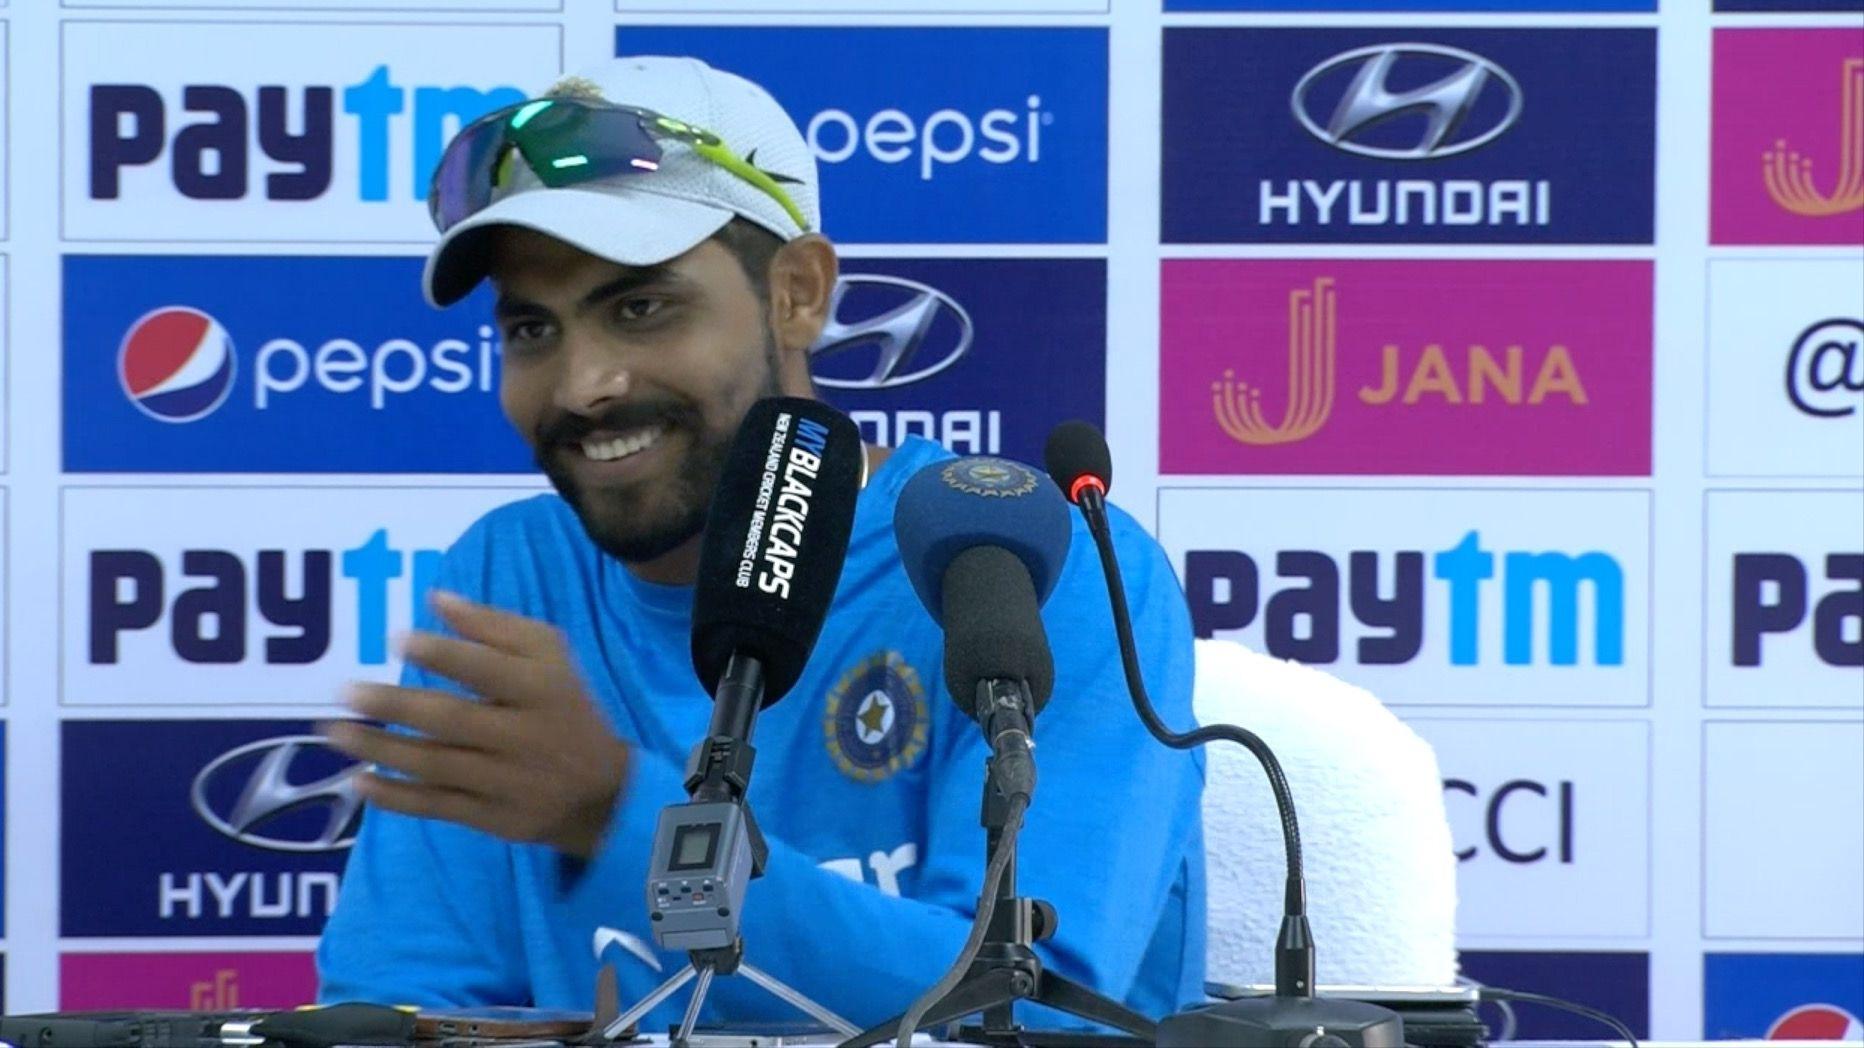 रवीन्द्र जडेजा ने बताया उस भारतीय खिलाड़ी का नाम जो गूगल पर सबसे ज्यादा खुद को करता है सर्च 15